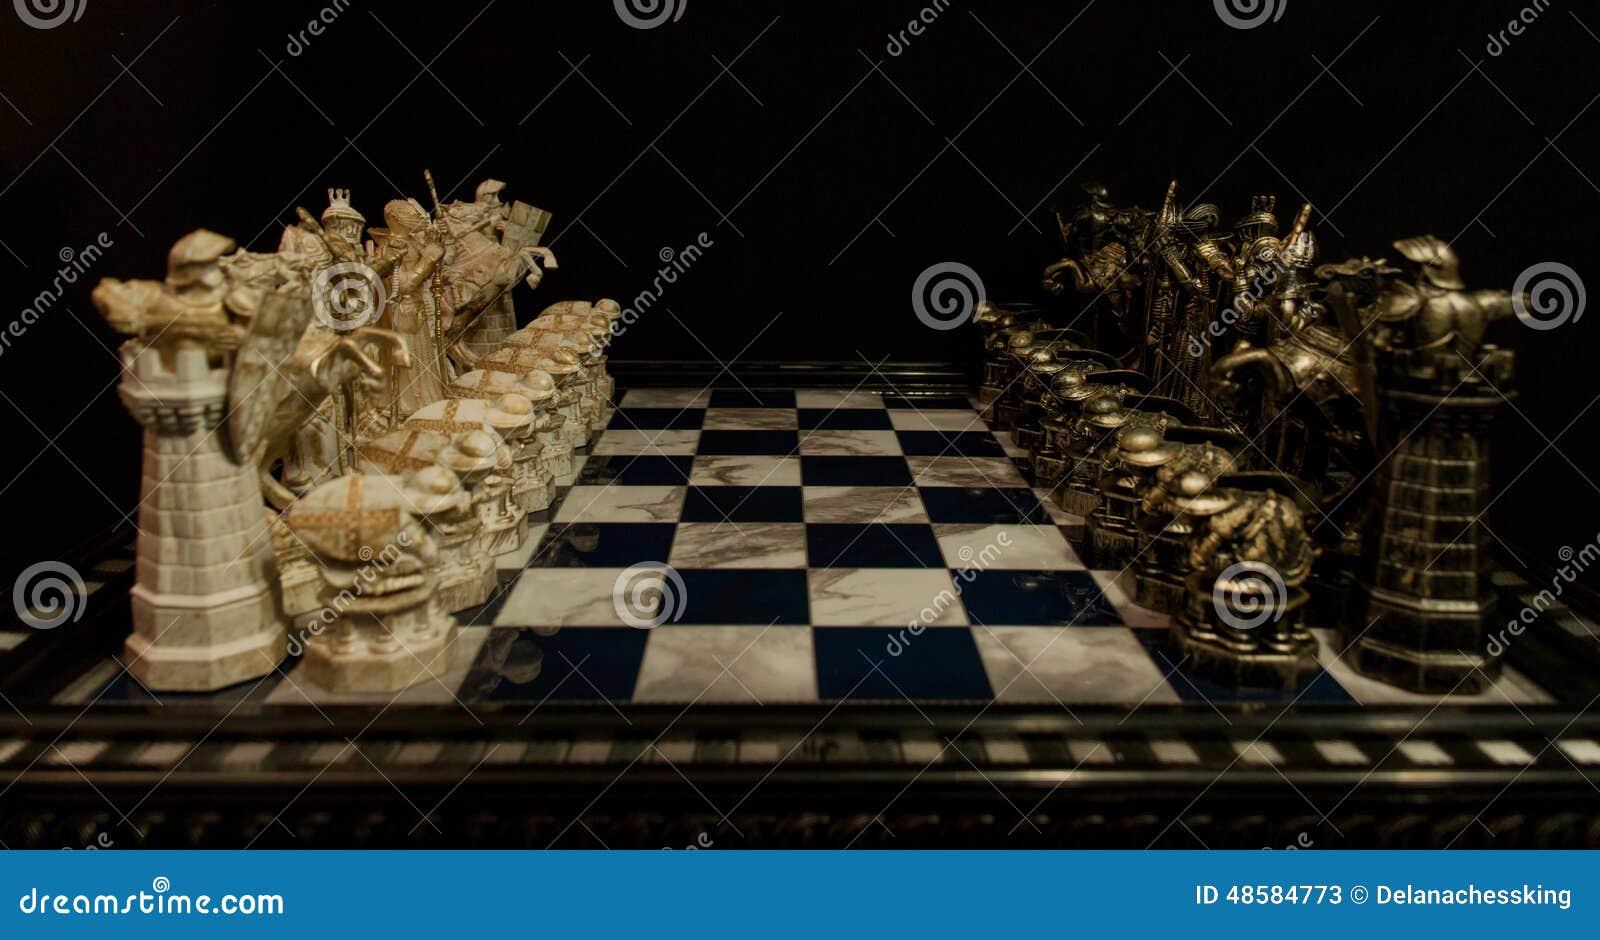 076ea7671 Toda a figura da xadrez da xadrez de Harry Potter no tabuleiro de xadrez